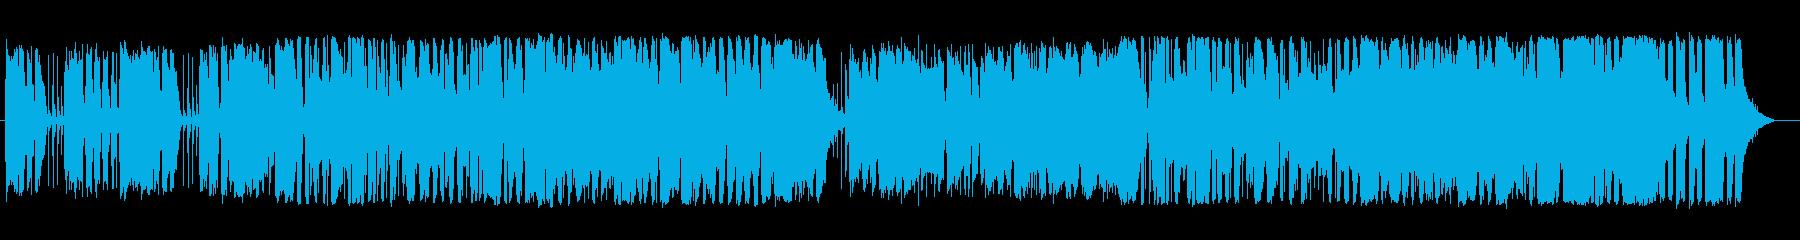 法人 パーカッション ピアノ トロ...の再生済みの波形